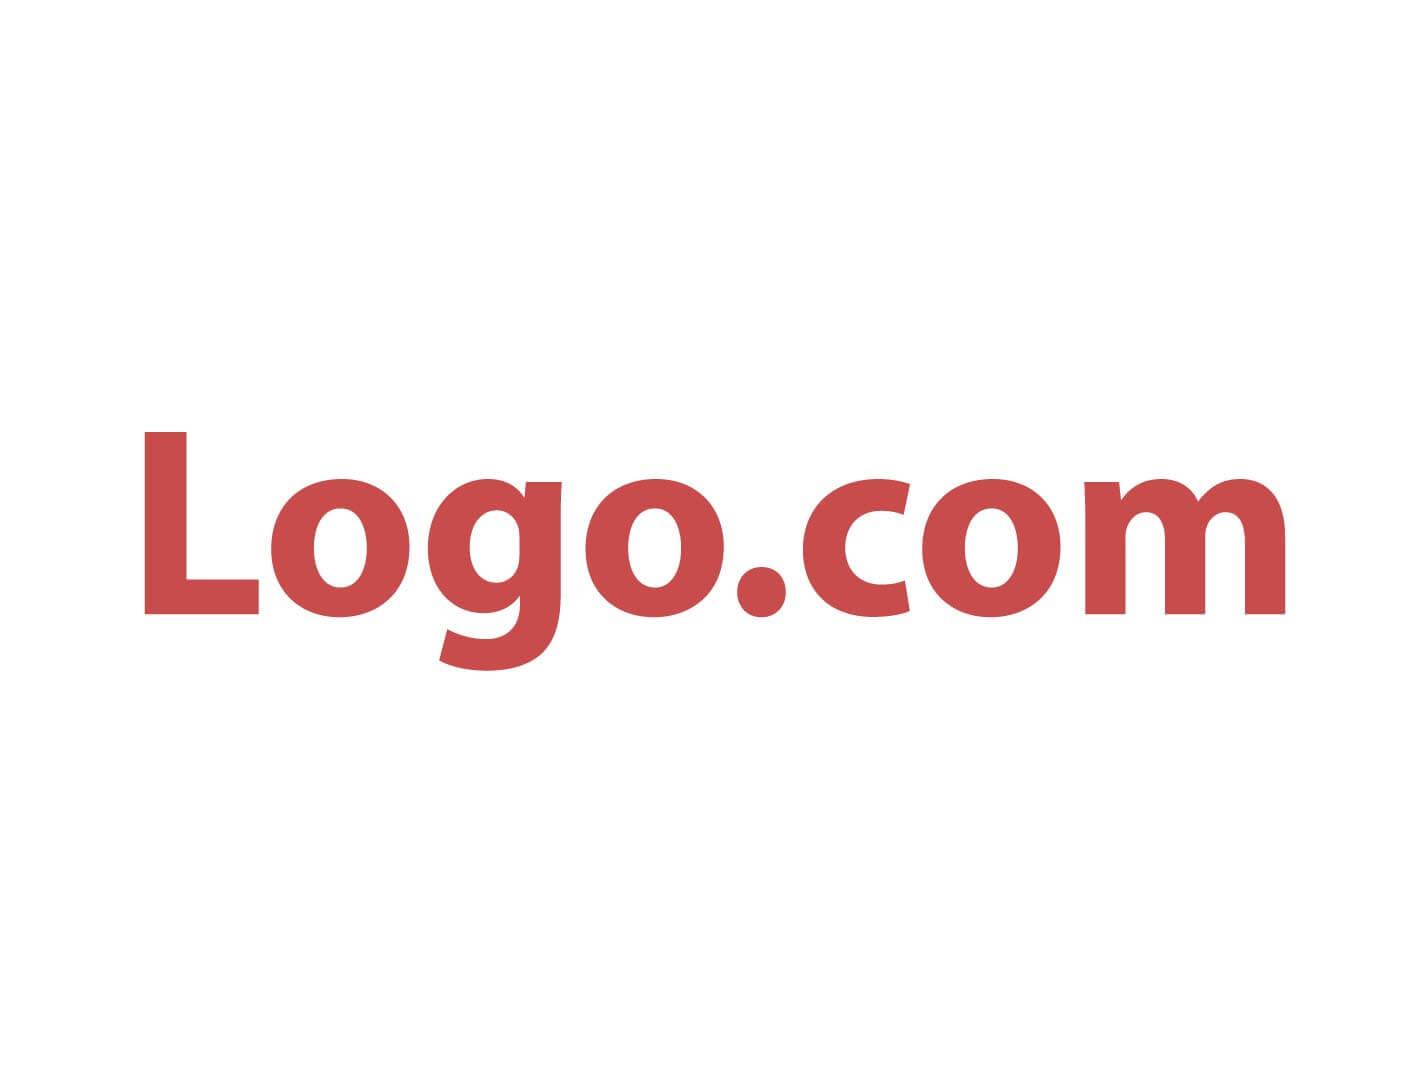 Logo.com